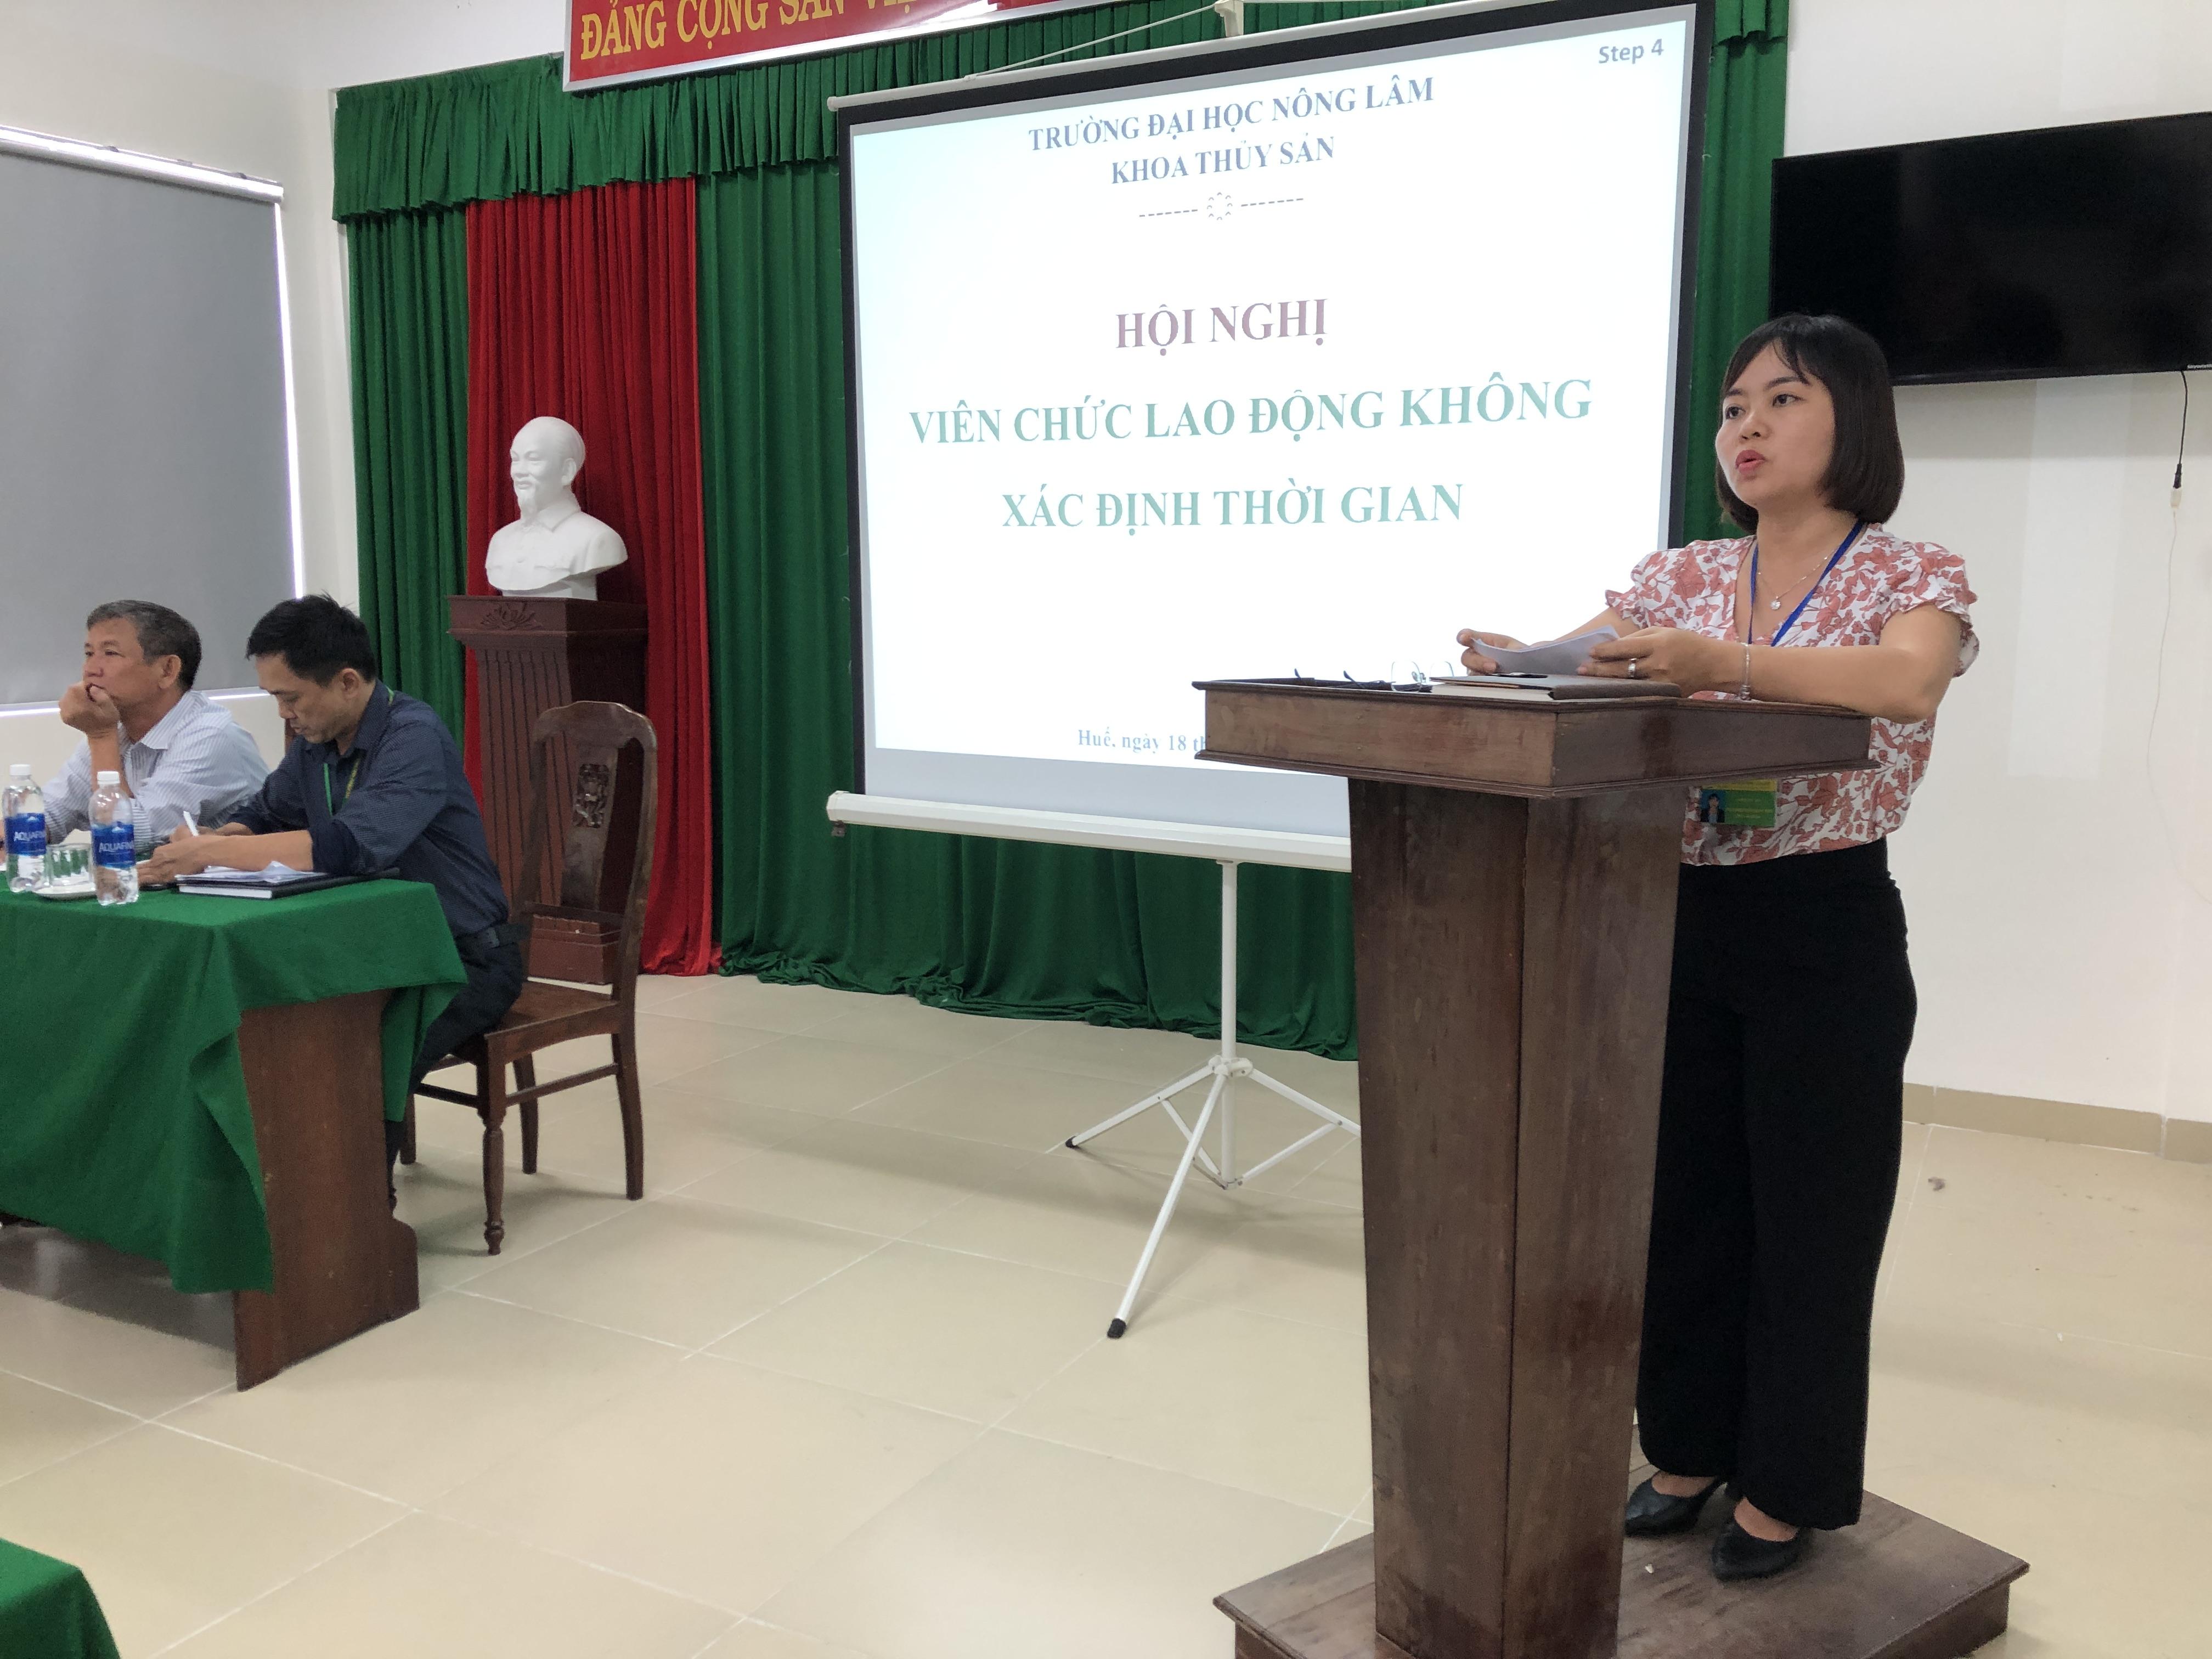 PGS.TS. Nguyễn Duy Quỳnh Trâm phát biểu ý kiến và trình bày kế hoạch hành động trong nhiệm kỳ 2020-2025